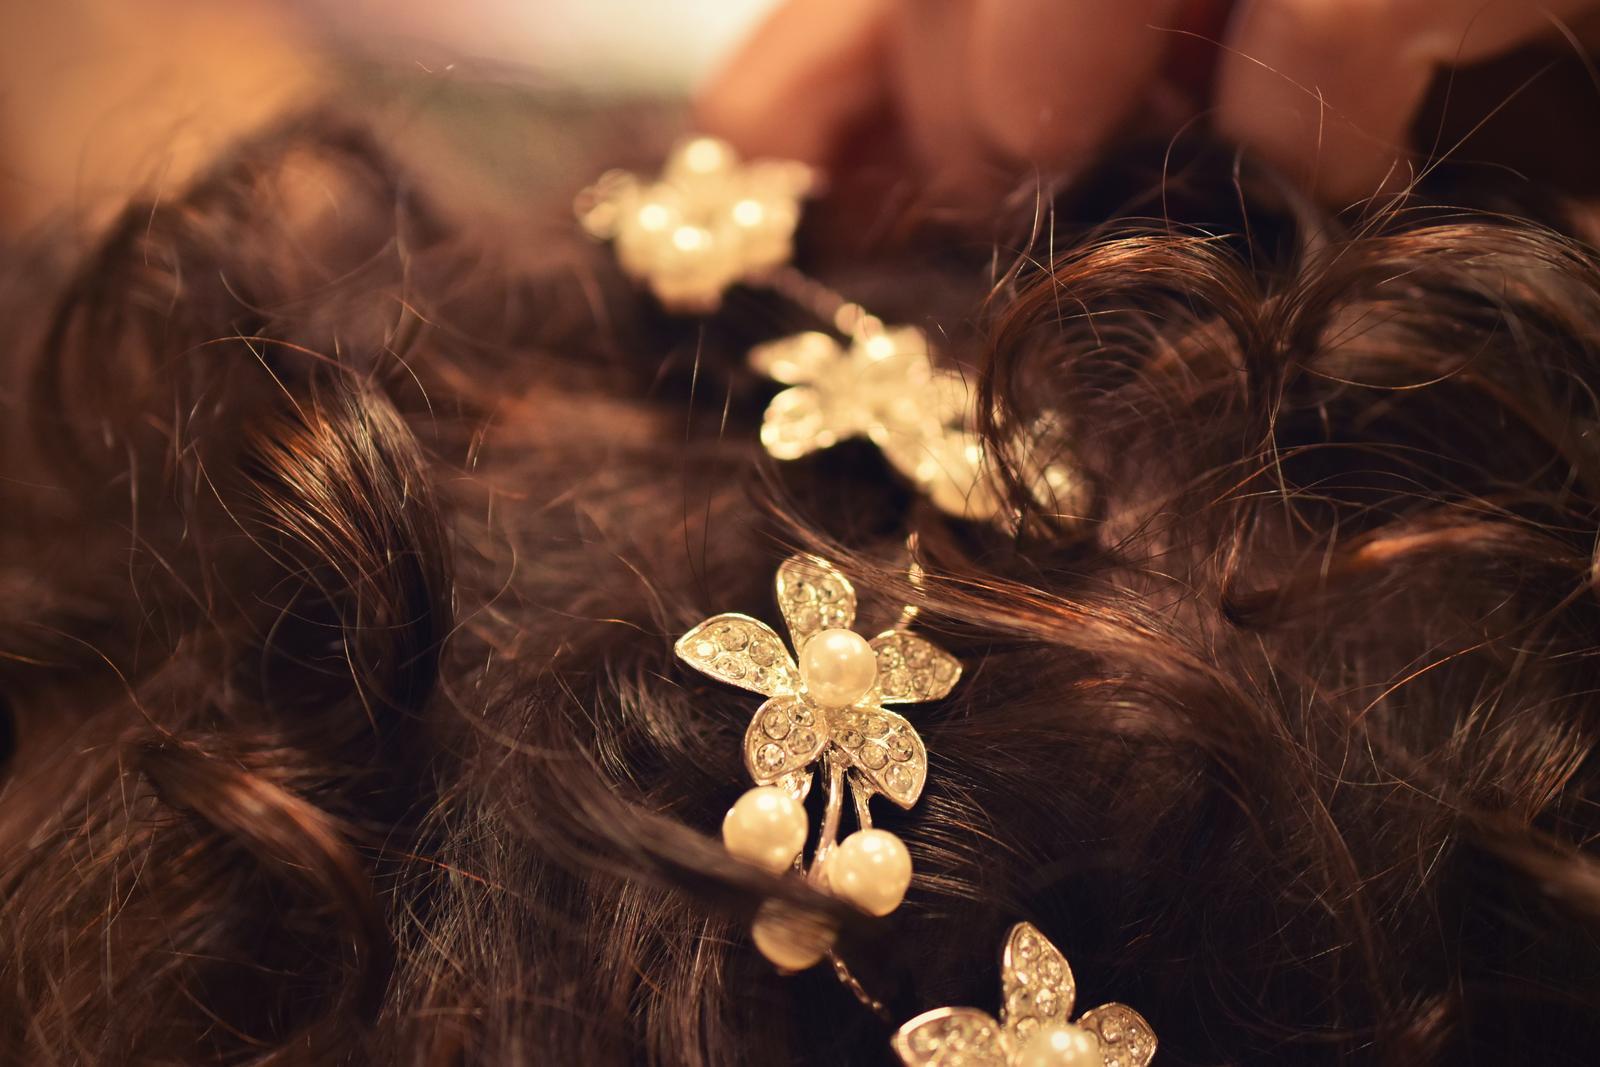 ozdoba do vlasů - Obrázek č. 1